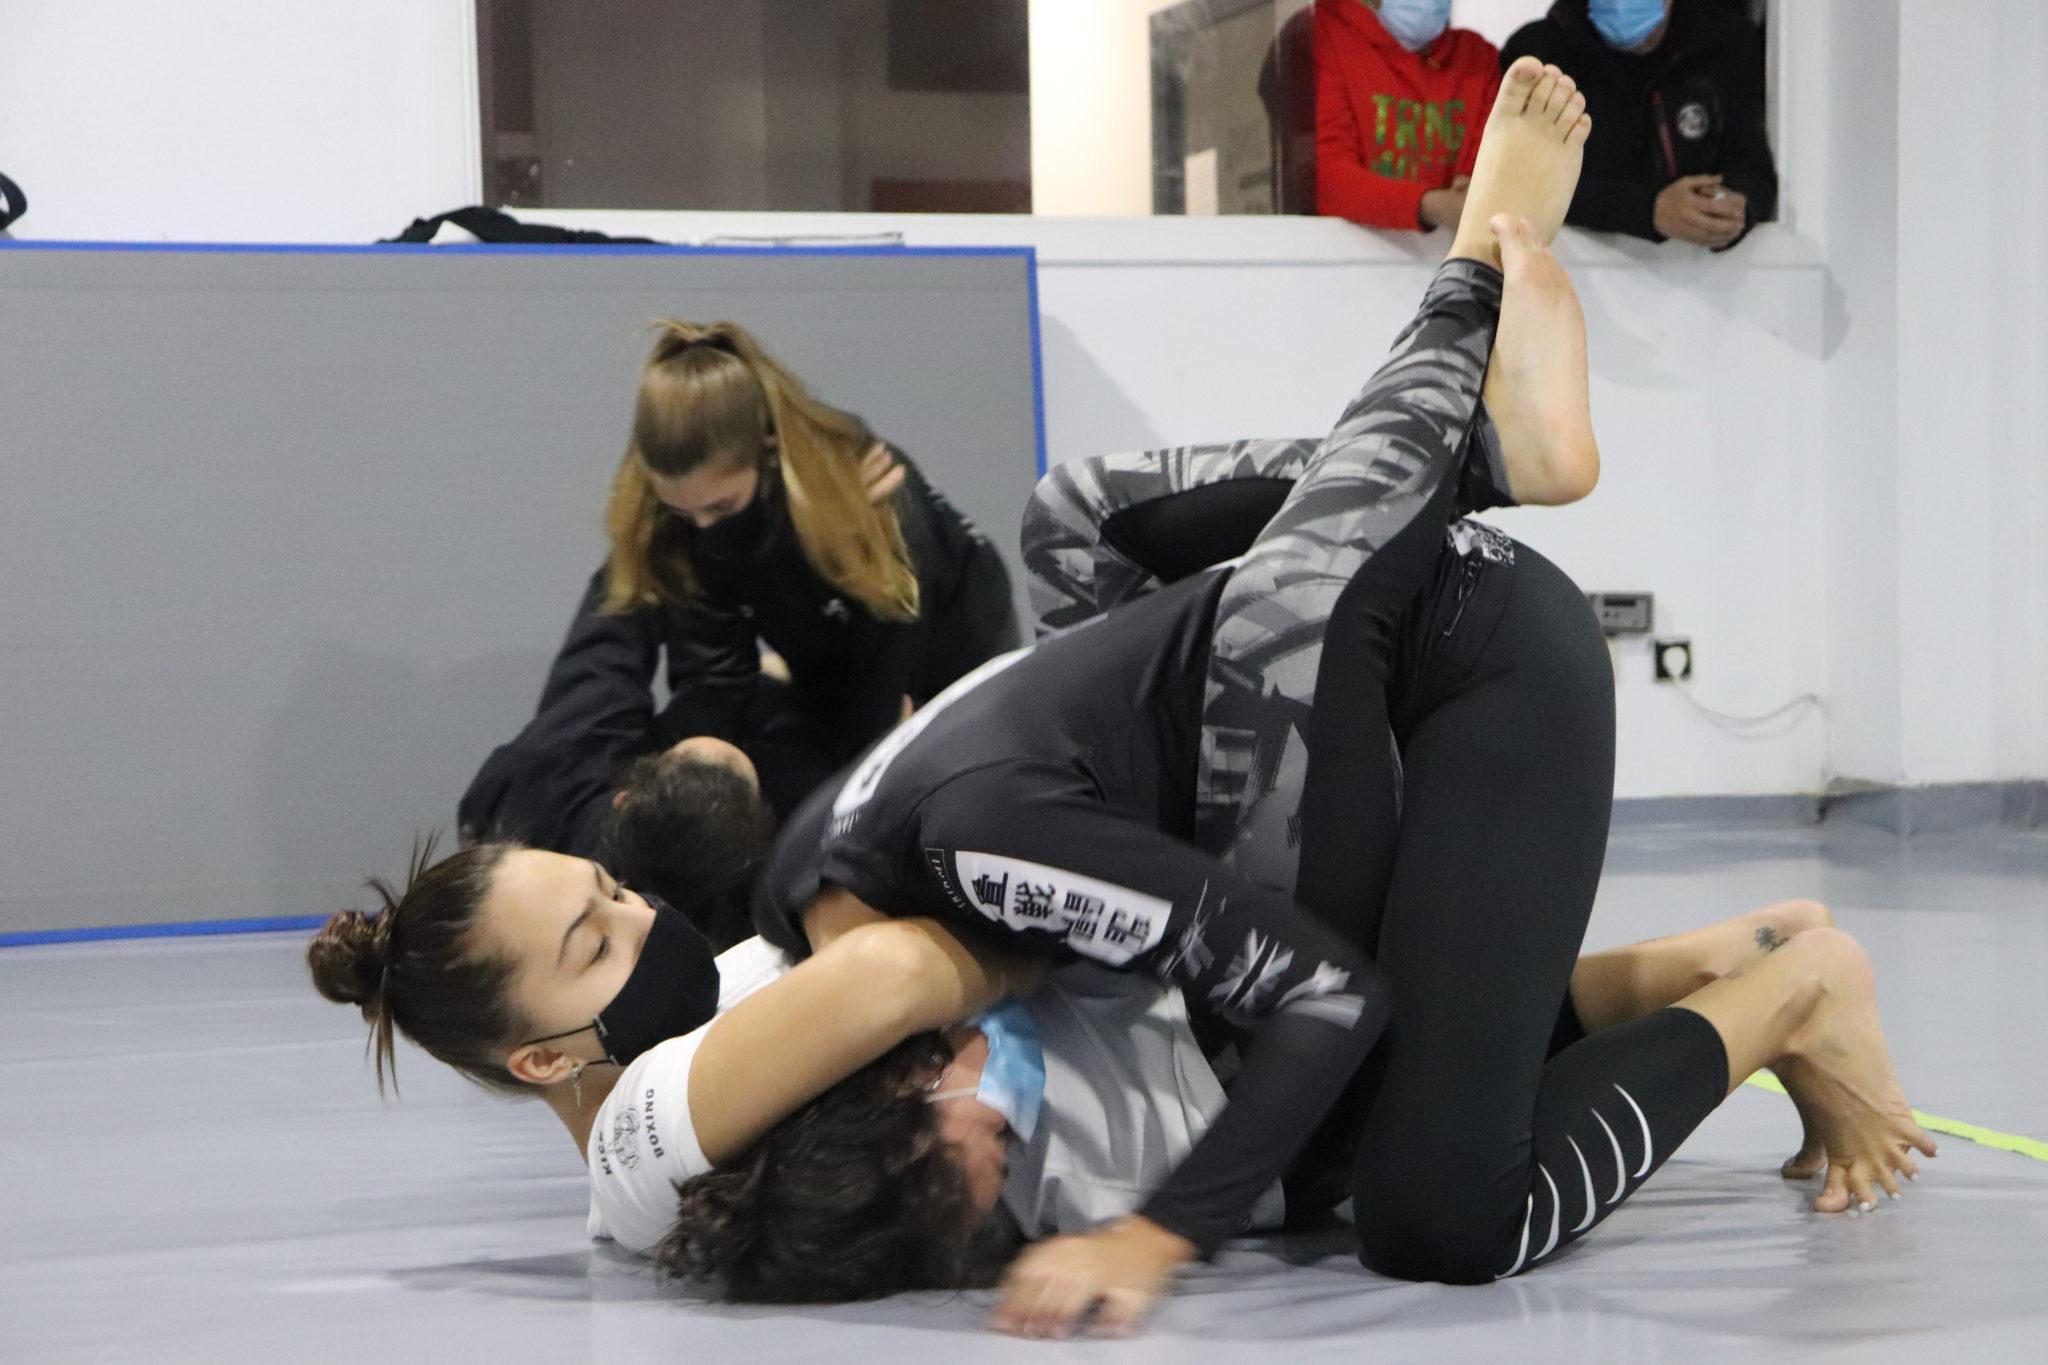 Rapazas do Ximnasio Graíño facendo grappling / ÁLEX VÁZQUEZ